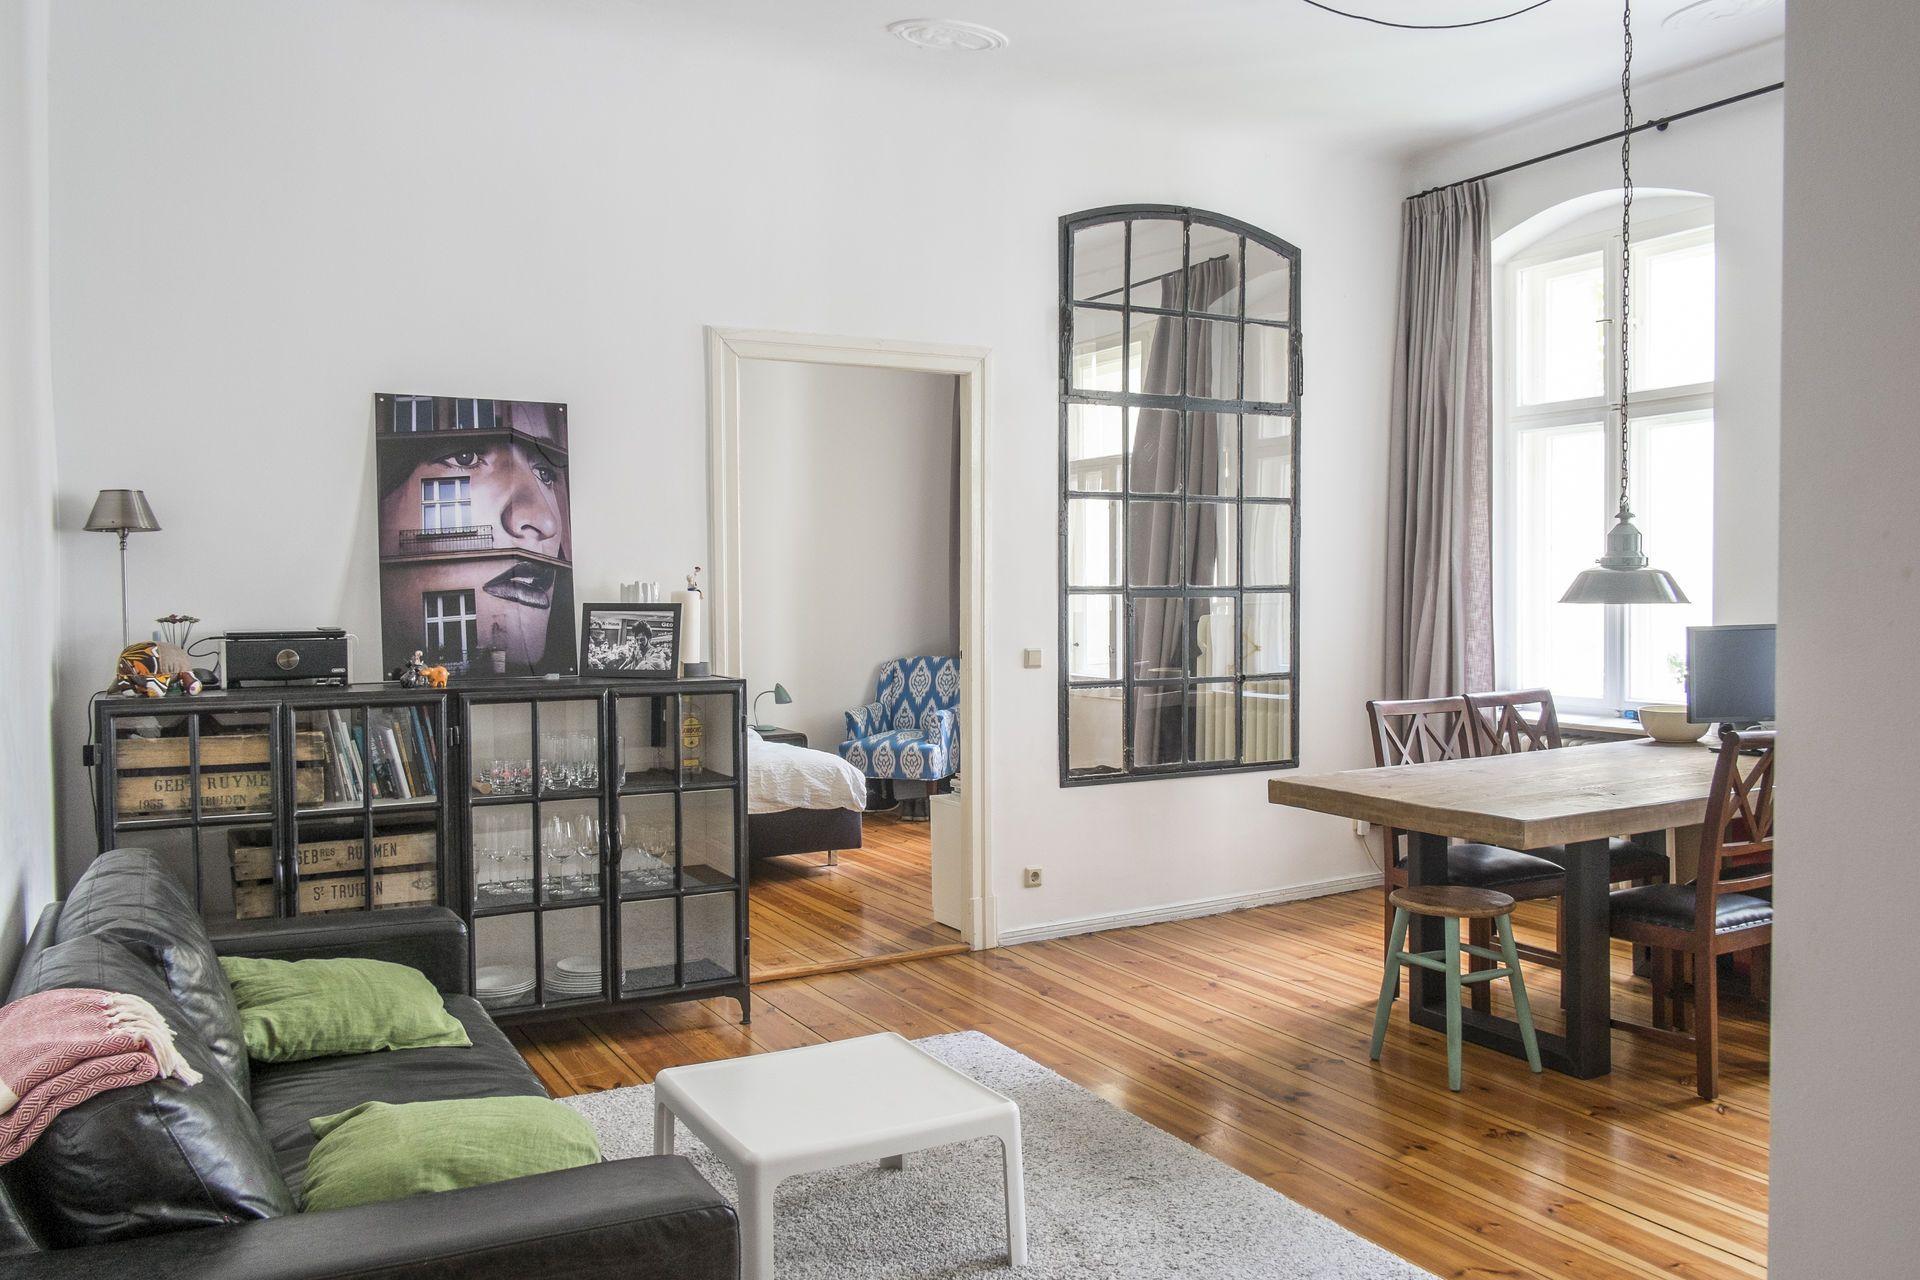 Wohnzimmer Gestalten ~ Funvit fliesen grau ideen für wohnzimmer gestalten